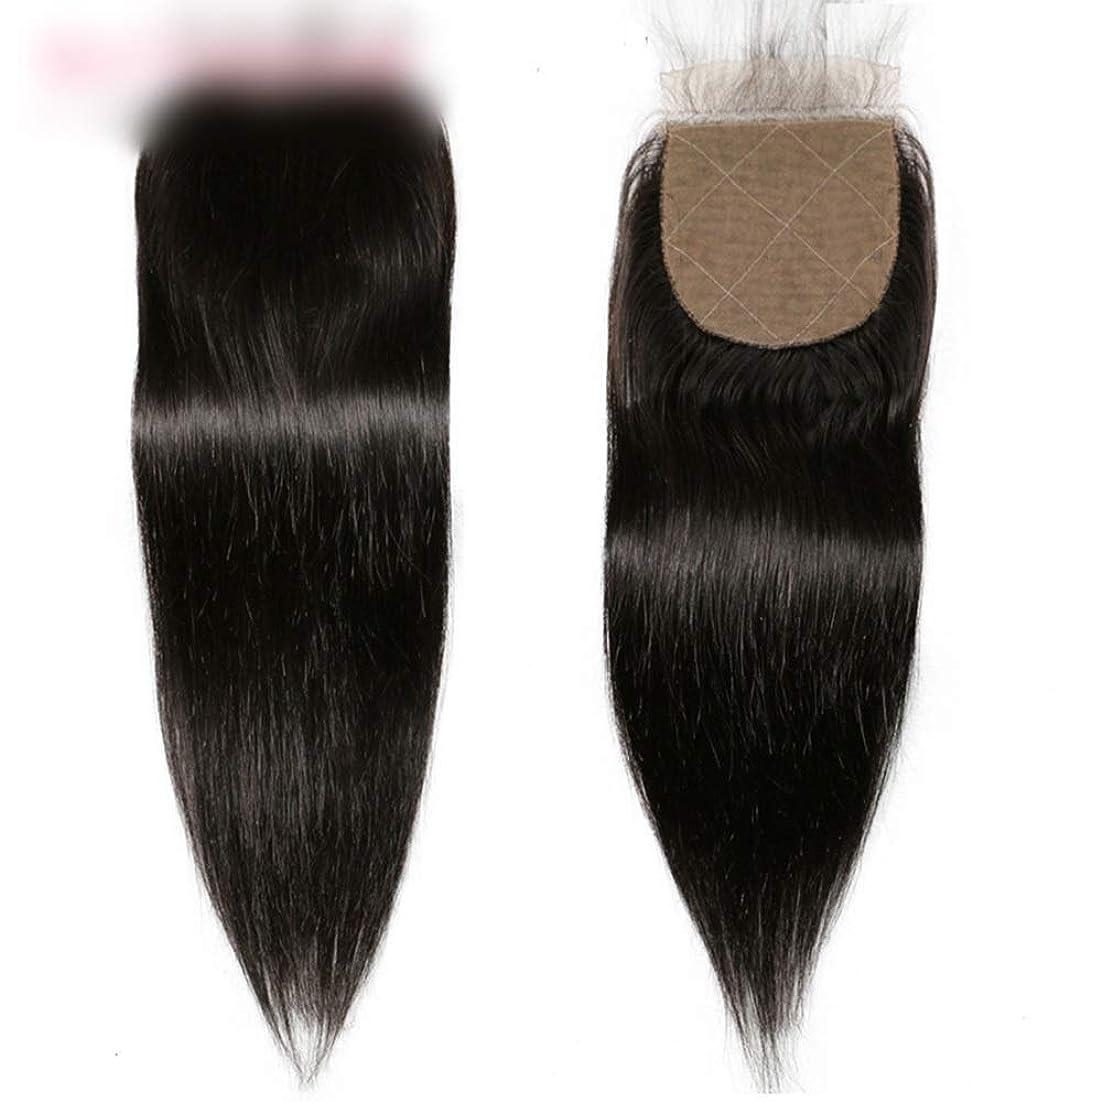 大混乱ビバ熱帯のHOHYLLYA ブラジルのストレートの髪の束と閉鎖未処理の人間の髪の毛のレースの閉鎖ナチュラルカラーの髪の合成毛髪のレースのかつらロールプレイングウィッグロングとショートの女性自然 (色 : 黒, サイズ : 20 inch)